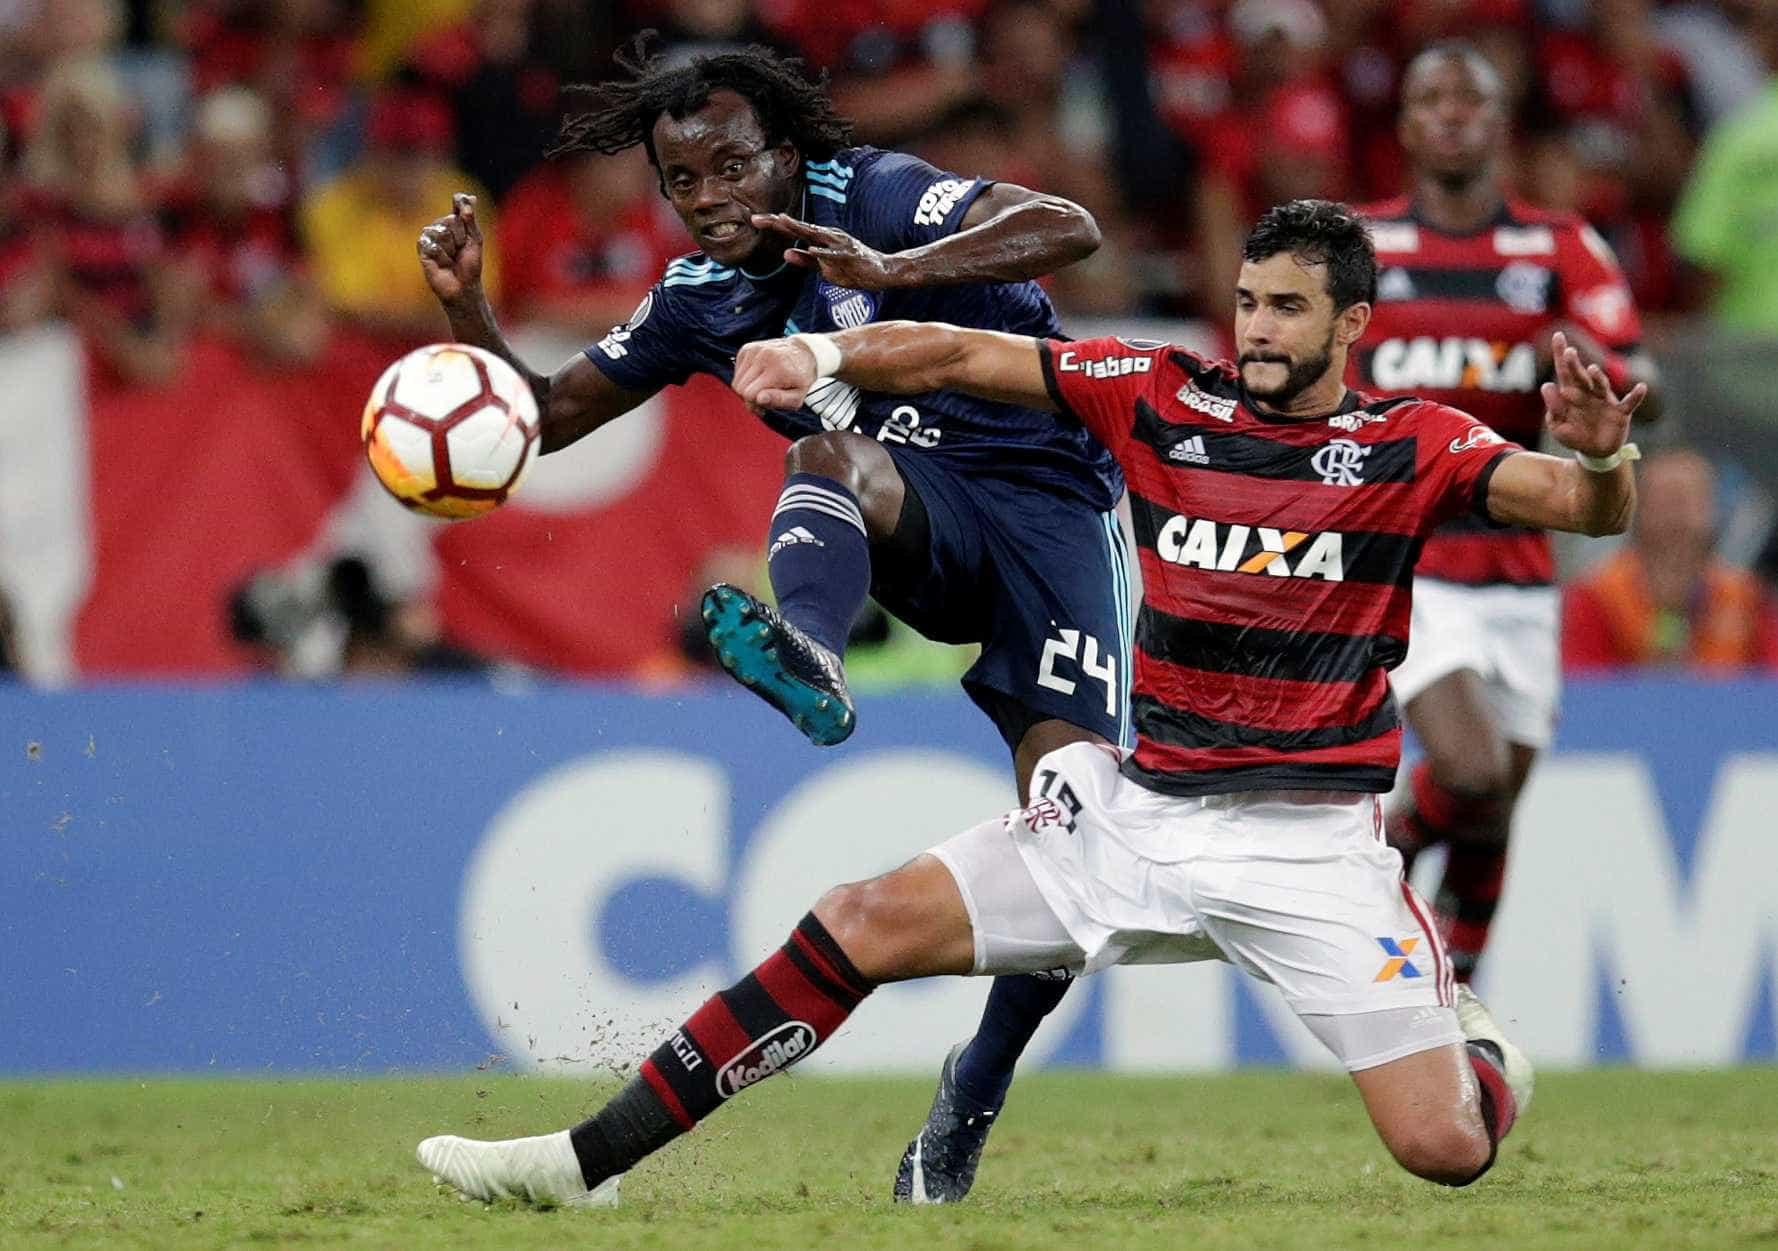 Fla garante classificação na Libertadores; veja os jogos desta quinta